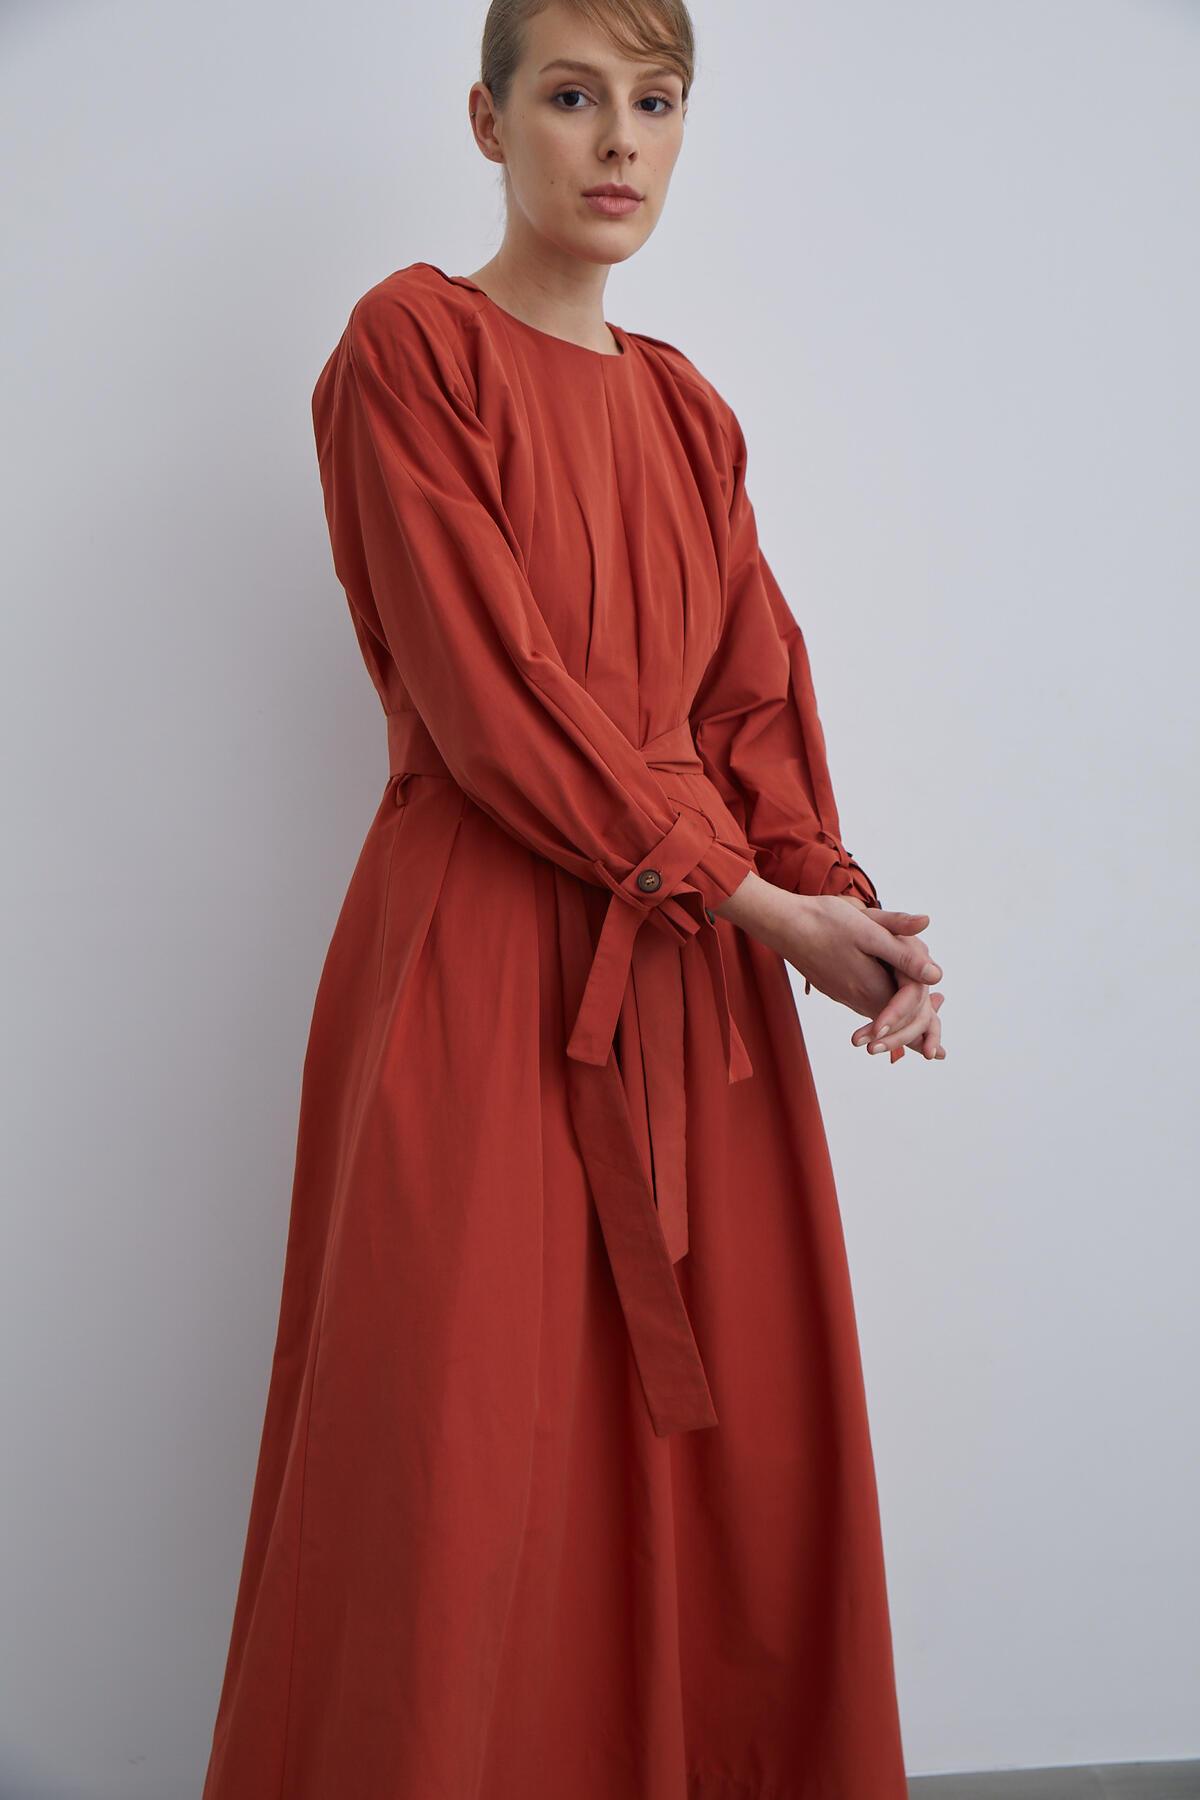 WAISTED FOLDING DRESS